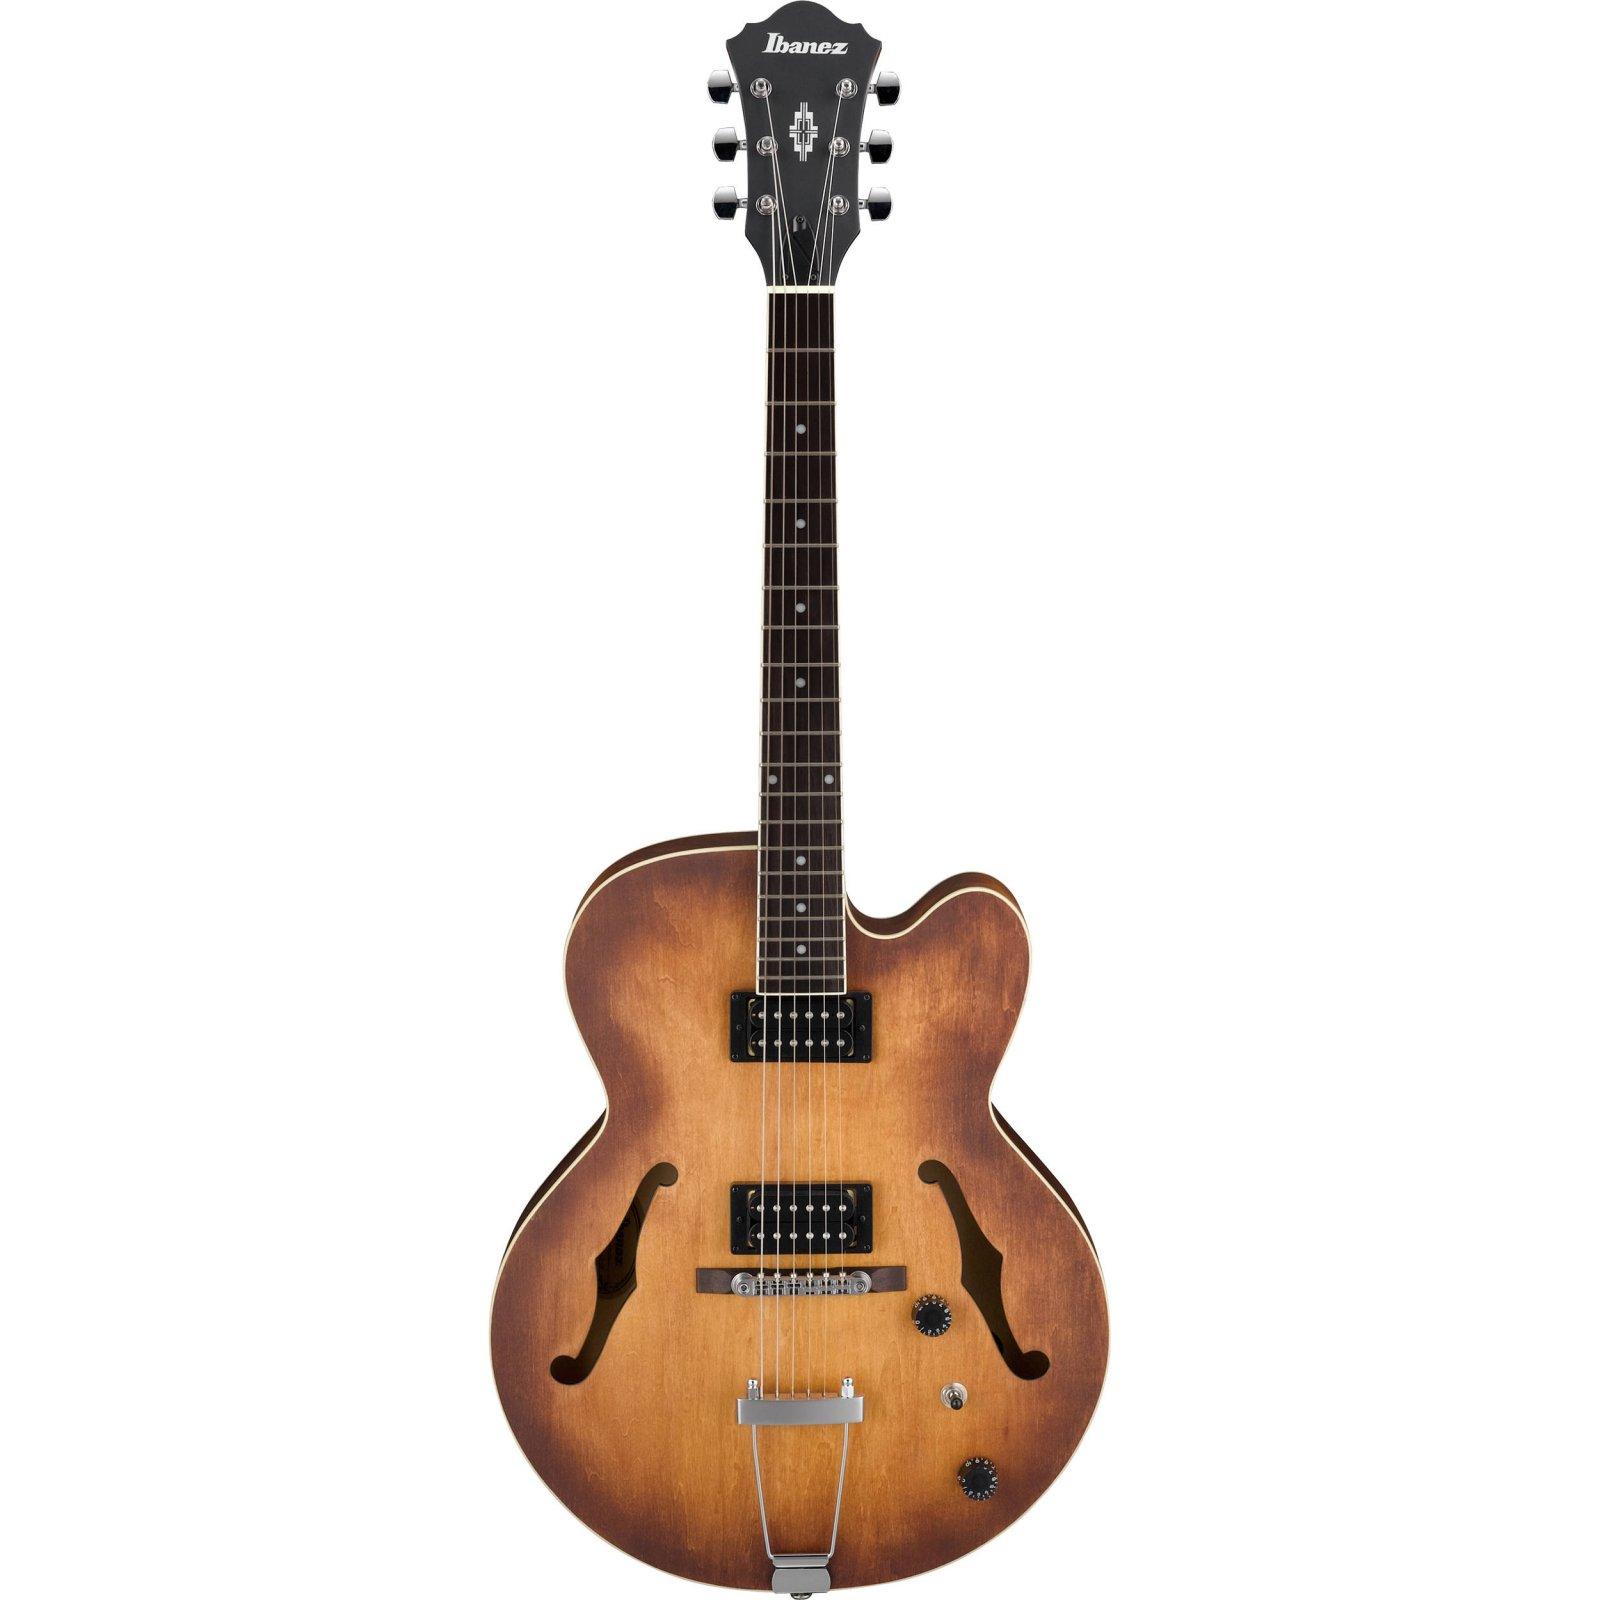 Ibanez AF Artcore 6str Electric Guitar  - Tobacco Flat